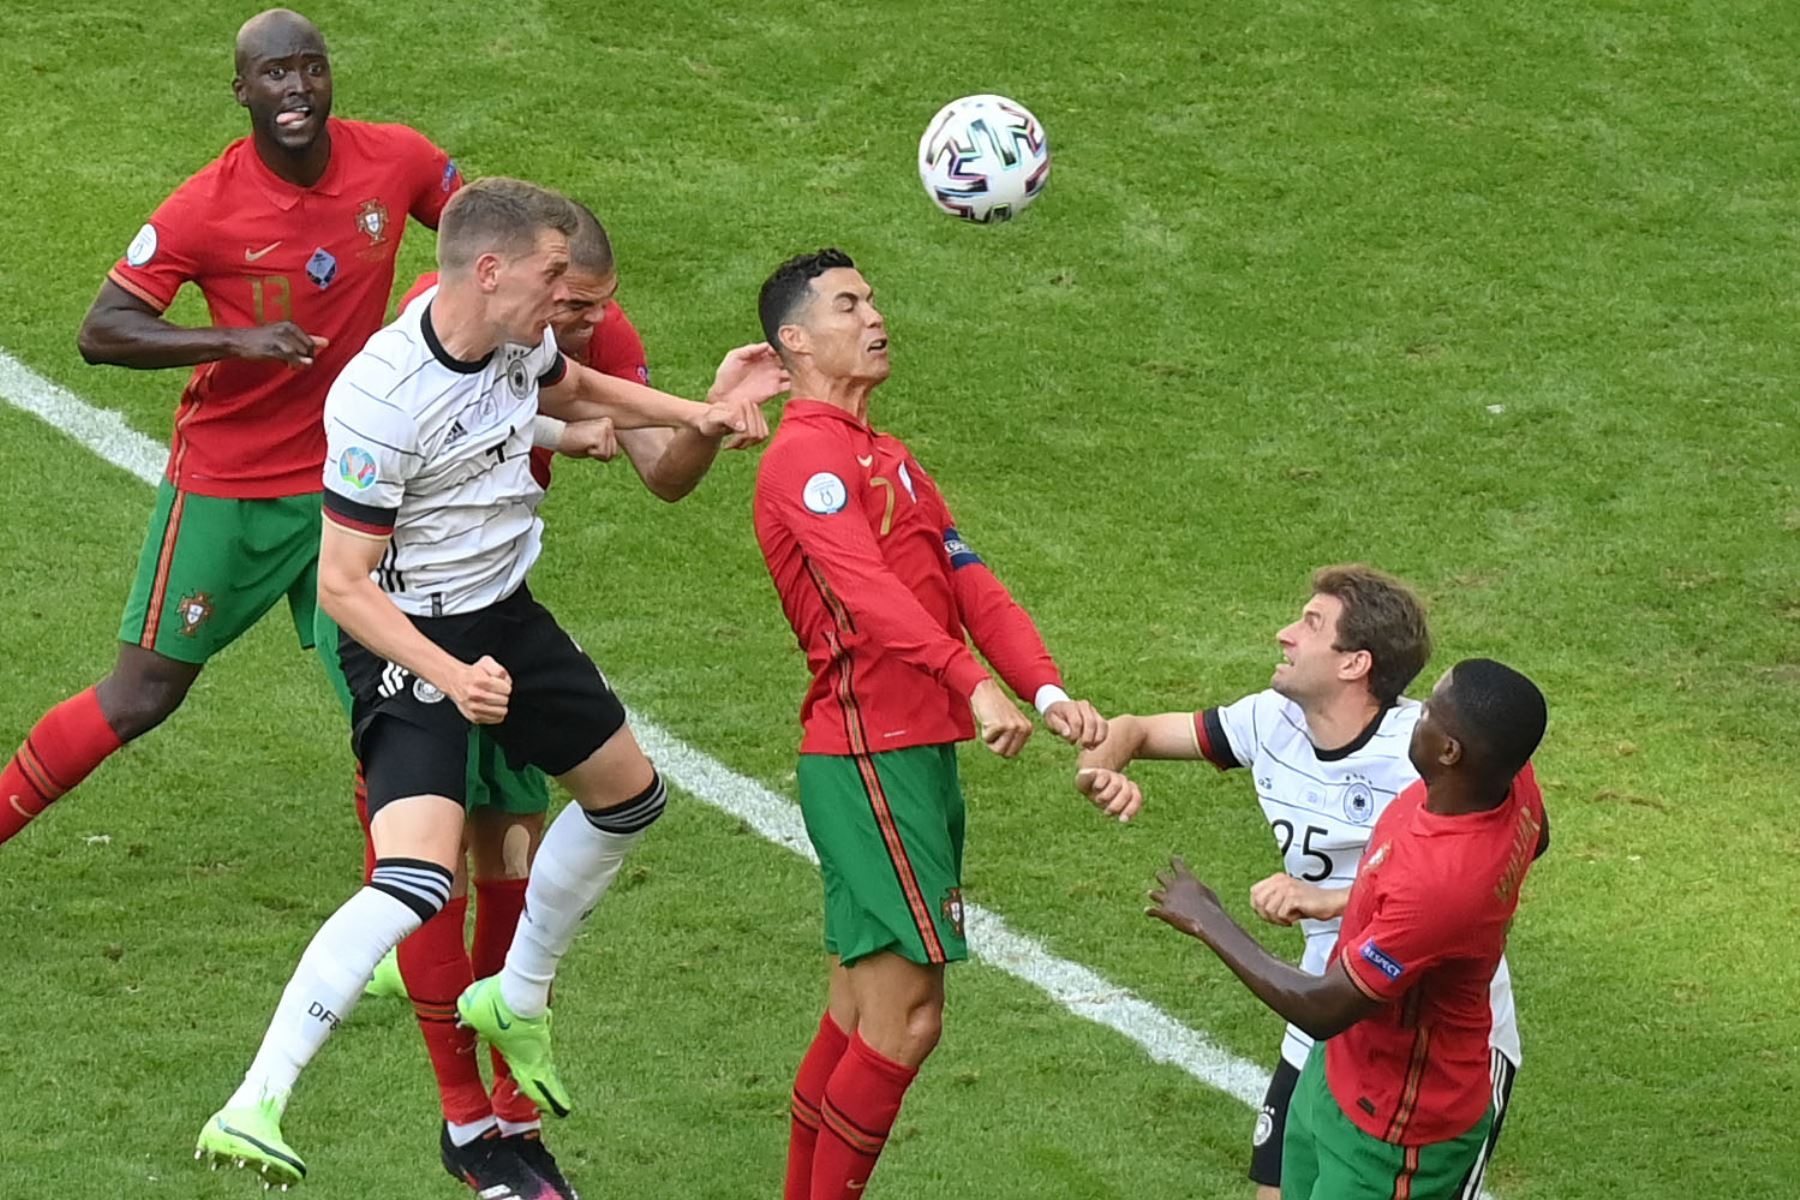 El delantero portugués Cristiano Ronaldo, el defensor alemán Matthias Ginter y el delantero alemán Thomas Mueller disputan un balón alto durante el partido de fútbol del Grupo F de la UEFA EURO 2020 entre Portugal y Alemania en el Allianz Arena de Múnich. Foto: AFP